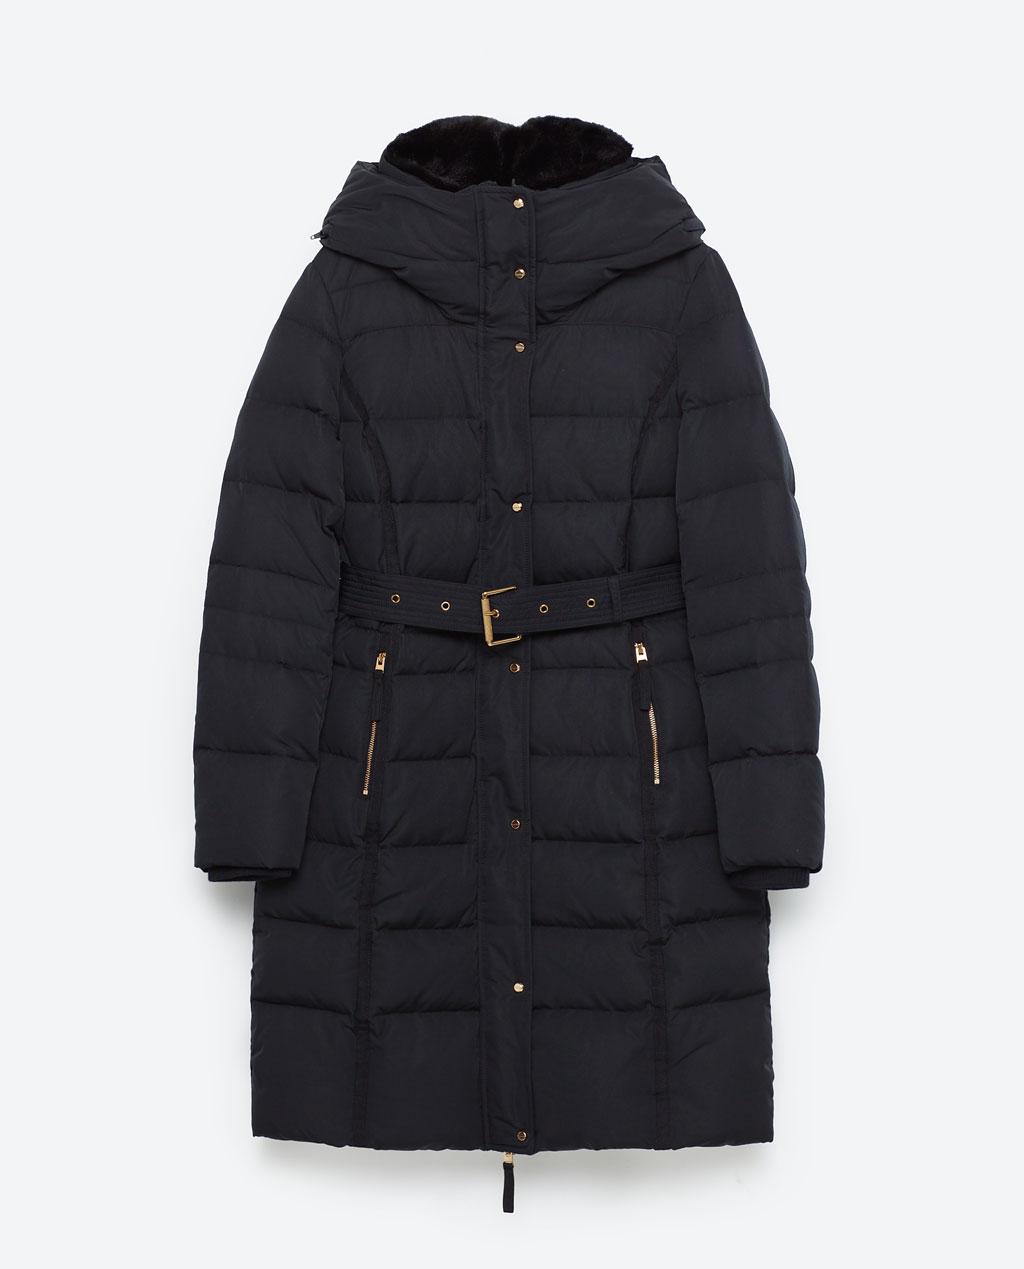 pretty nice 870df d8391 Moda curvy: meglio il cappotto o il piumino? - Melarossa